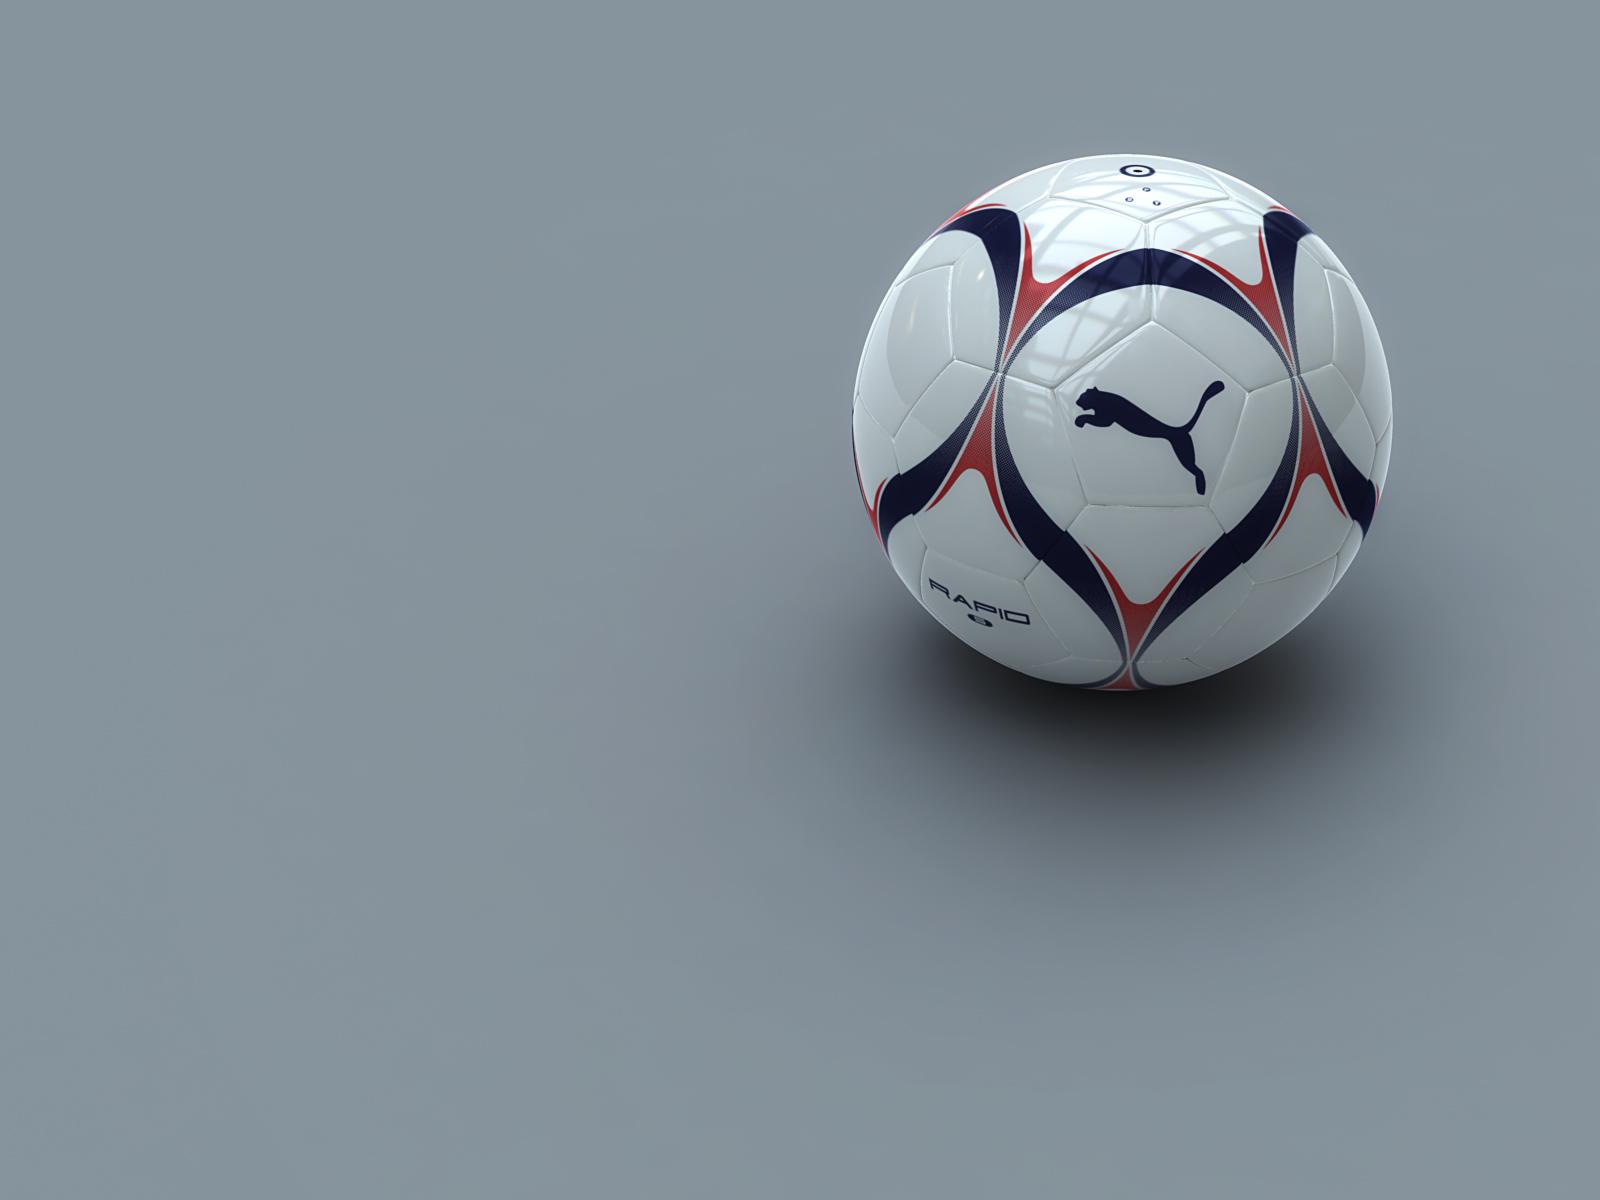 картинка мячик на столе этом